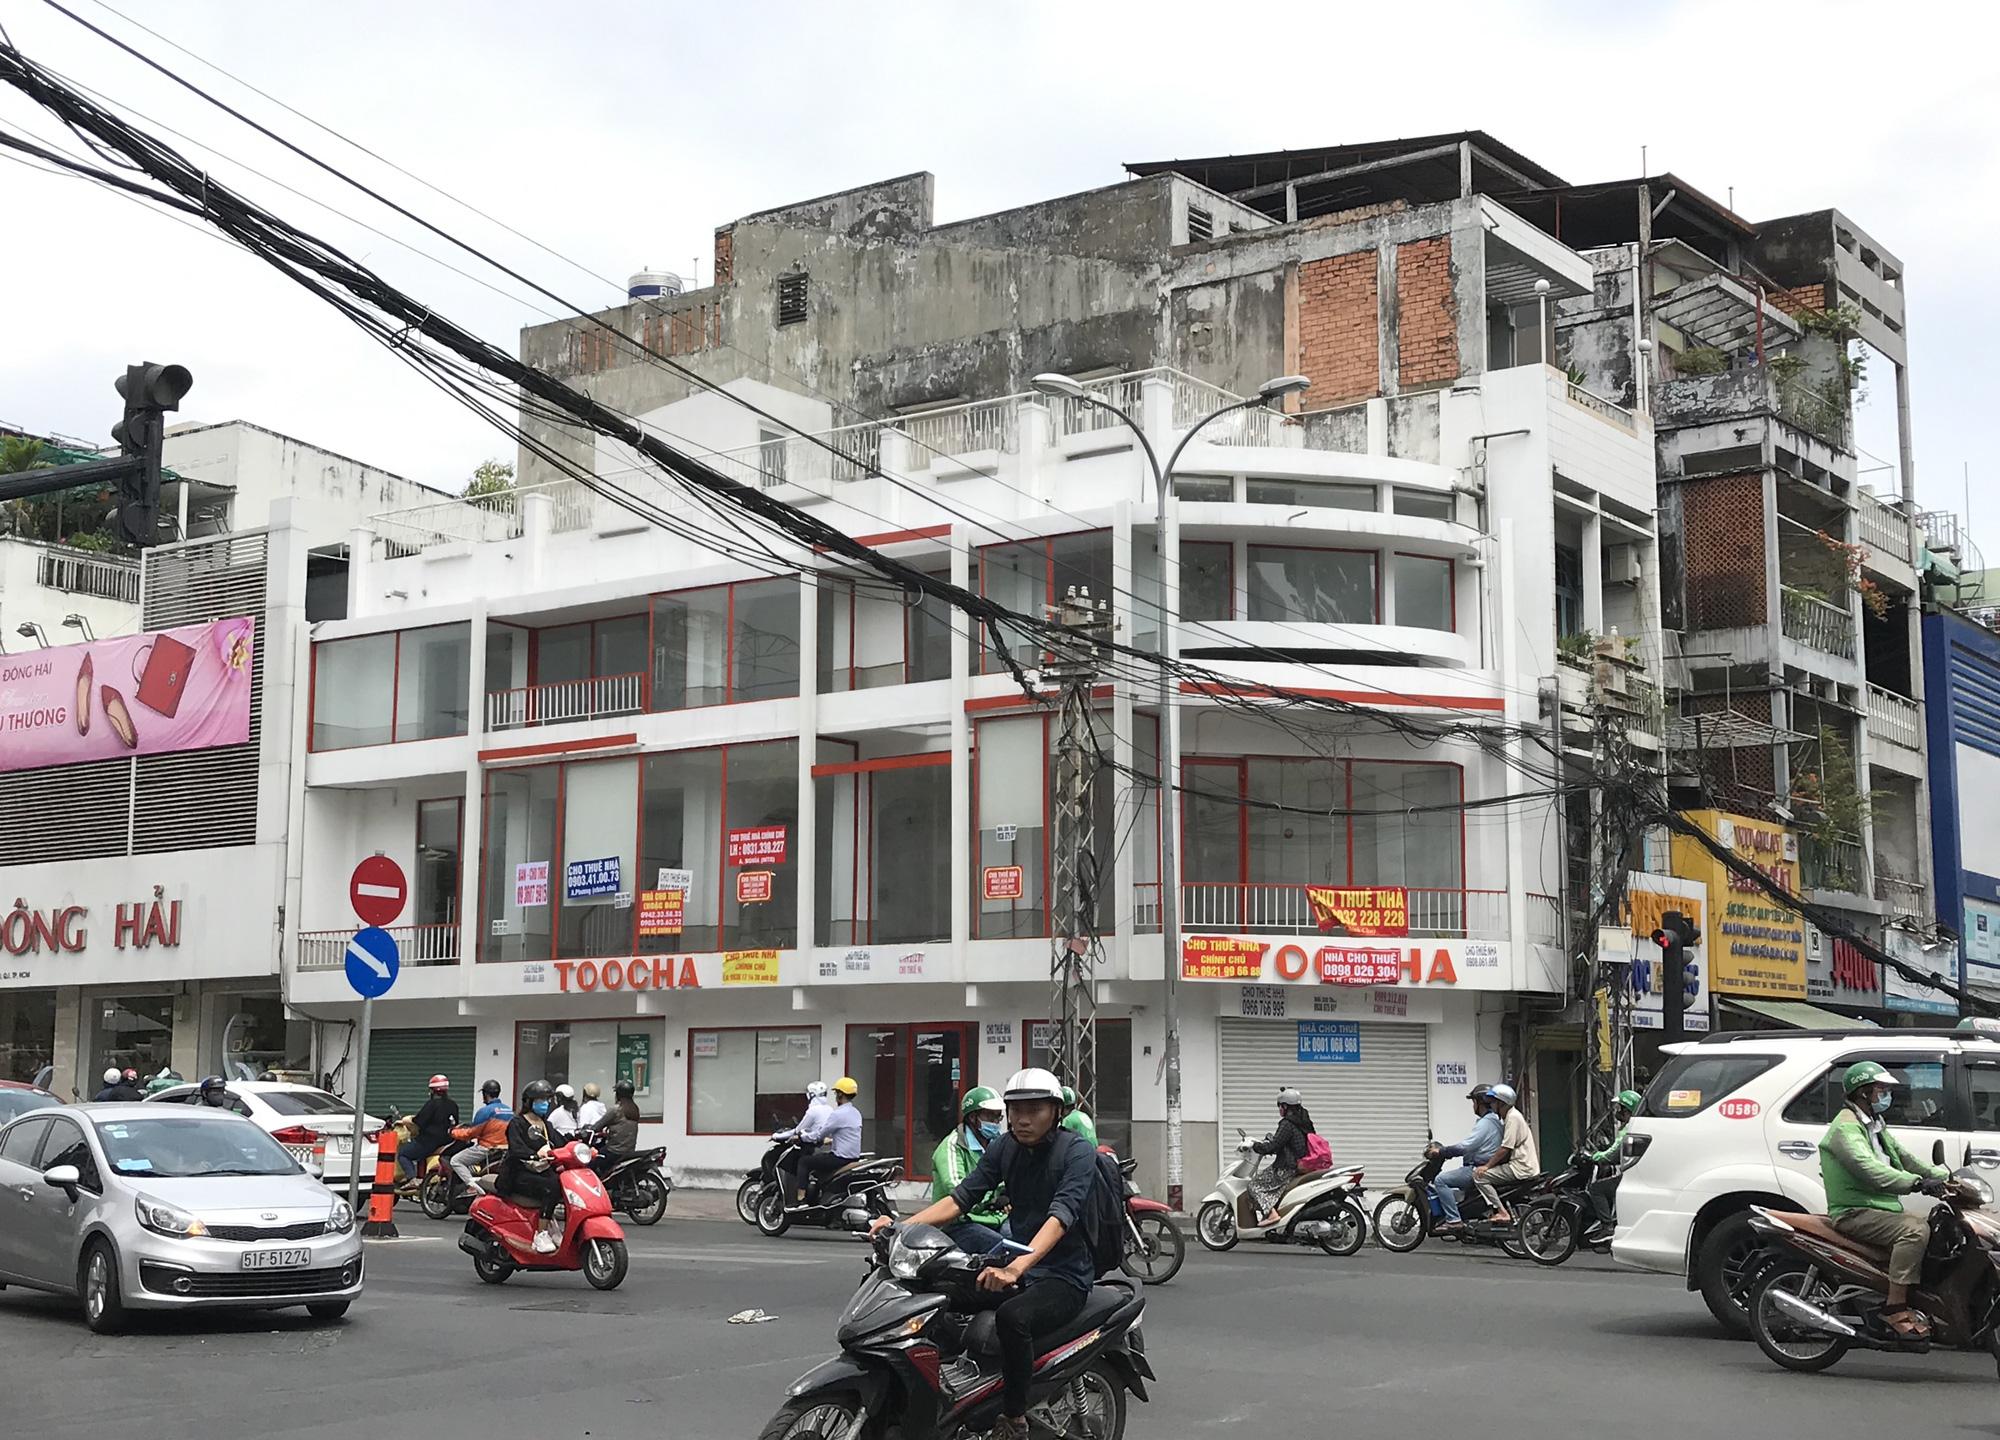 Hình ảnh loạt cửa hàng Toocha, sữa đậu nành Mr Bean của Shark Thủy, thậm chí 7-Eleven cũng đóng cửa vì Covid-19 - Ảnh 7.